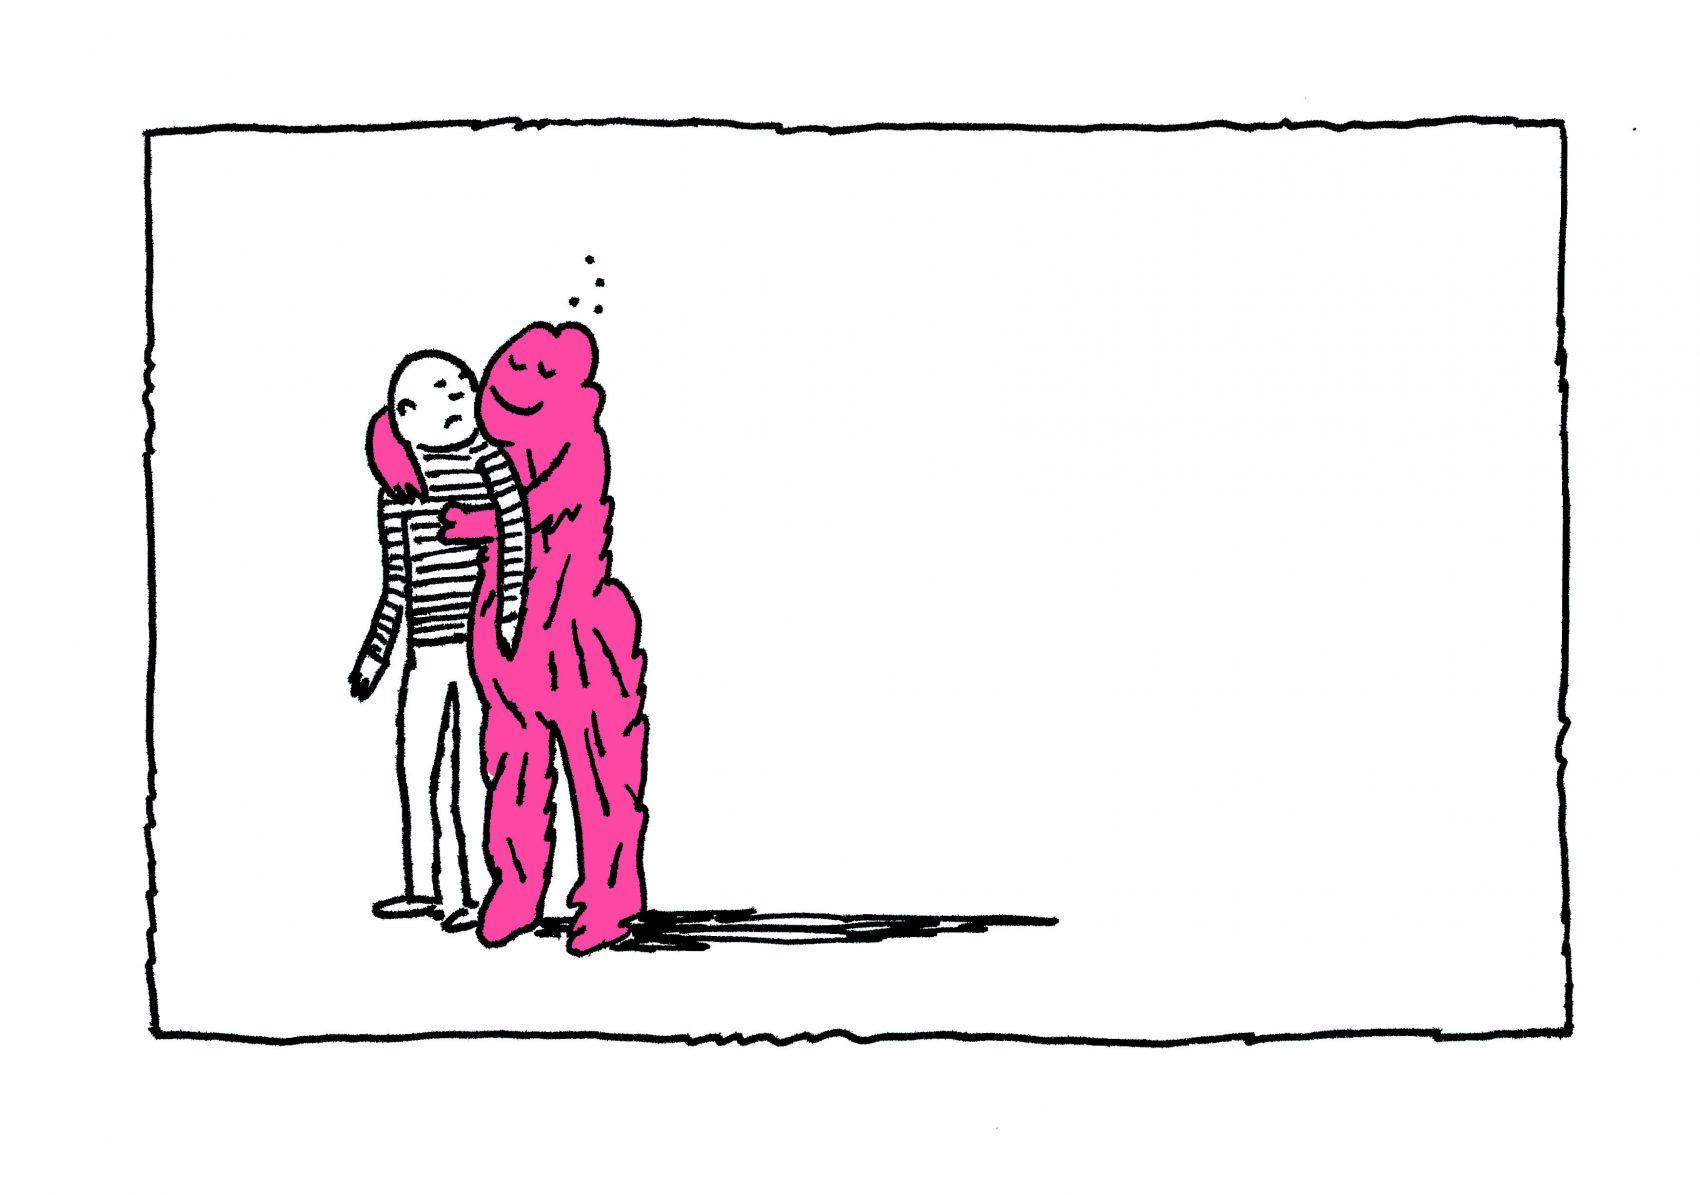 Comorbidade e companhia - crônica de Fraga - Ilustração de Rafael Sica